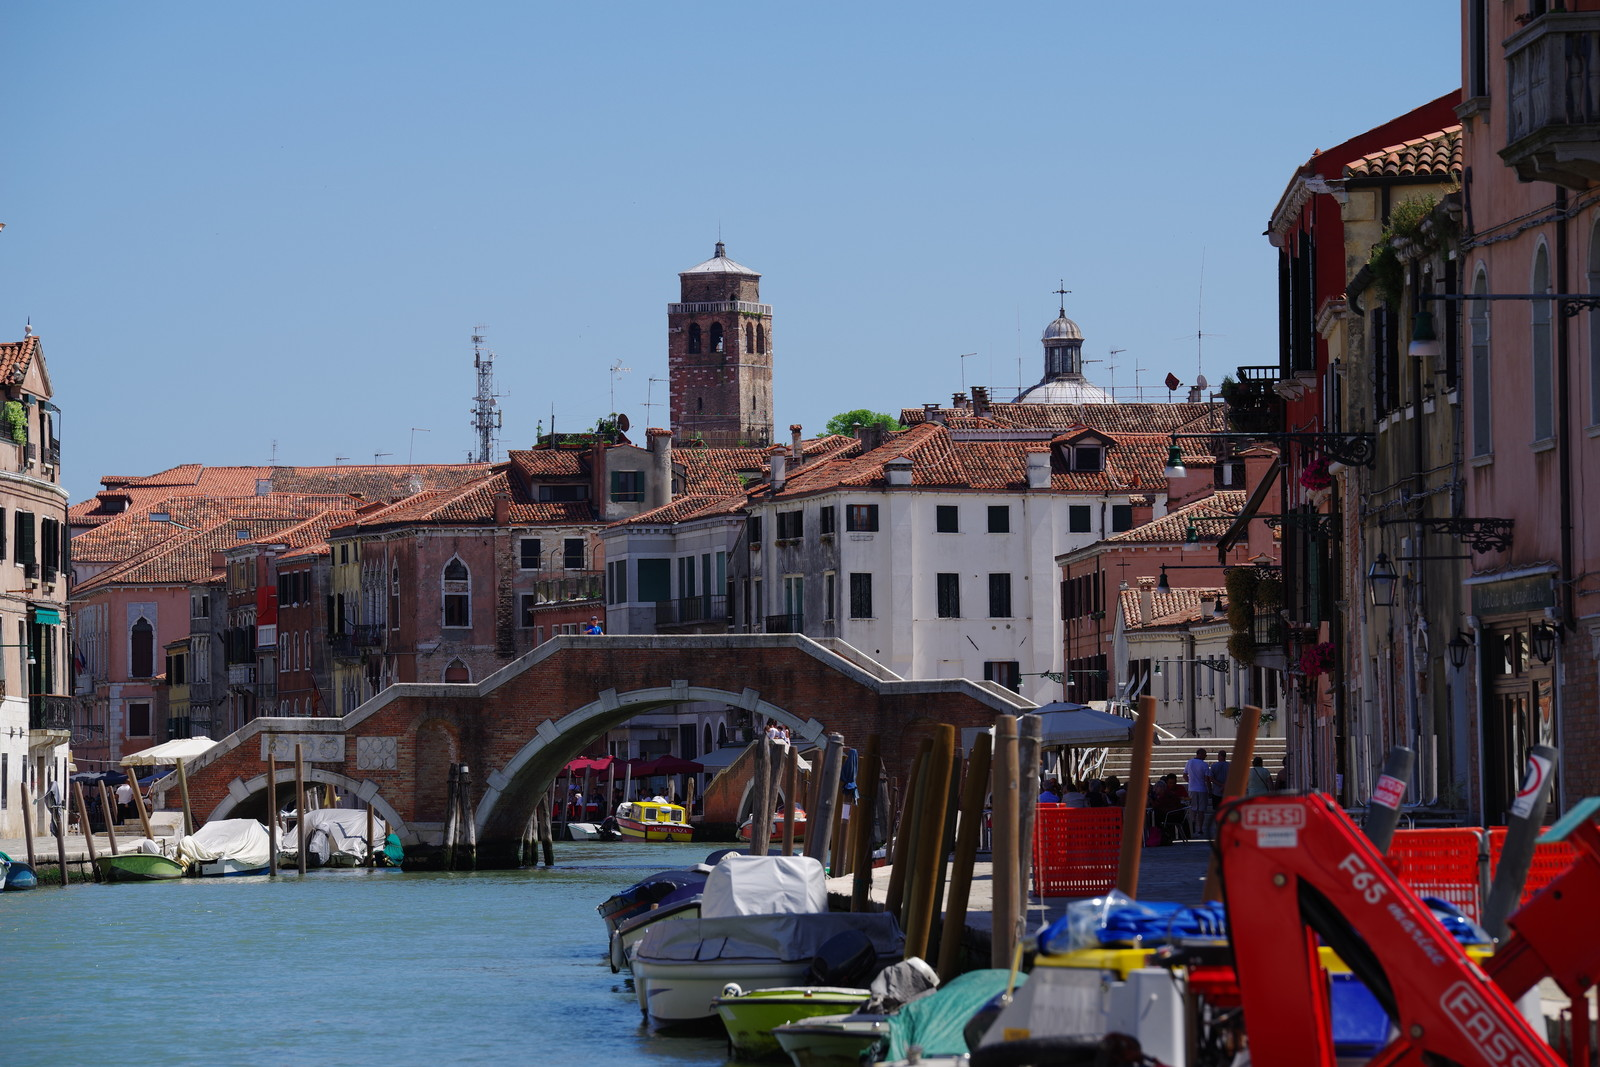 「ベネツィアの水路に掛かる橋(イタリア)」の写真